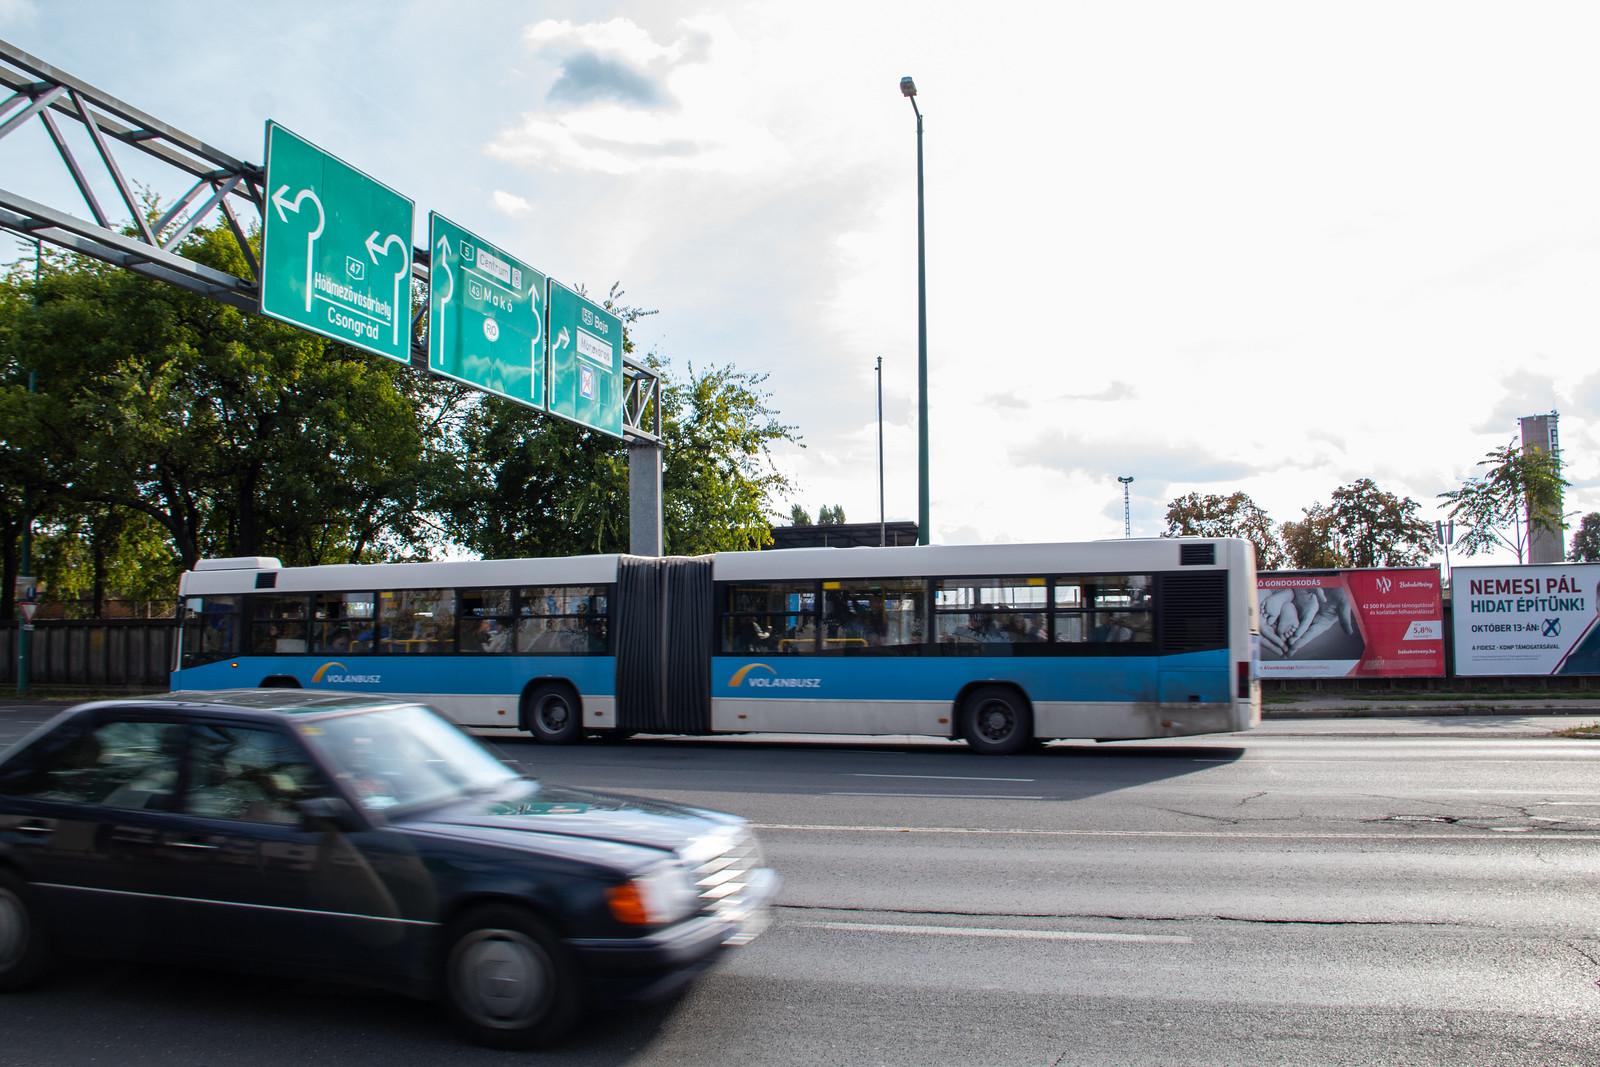 Tovább ritkul a közösségi közlekedés Szegeden